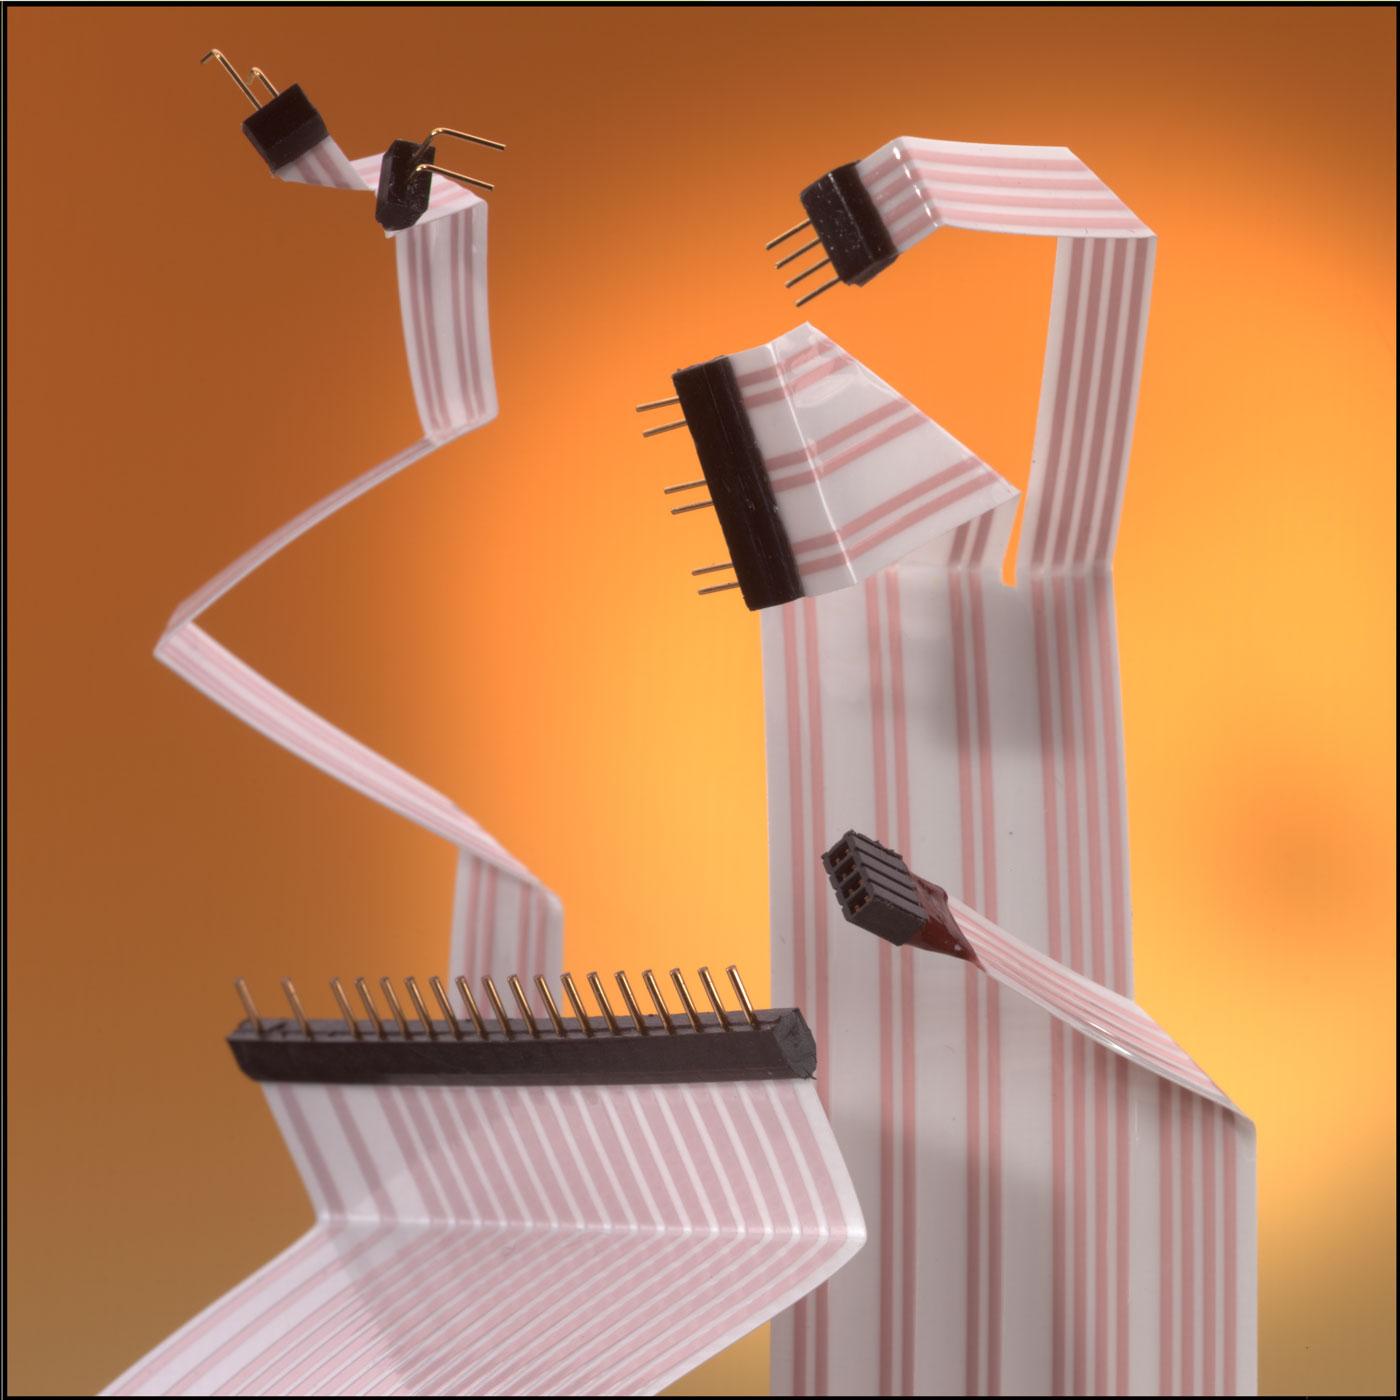 Flachbandleitung mit vergossenen Kontakten